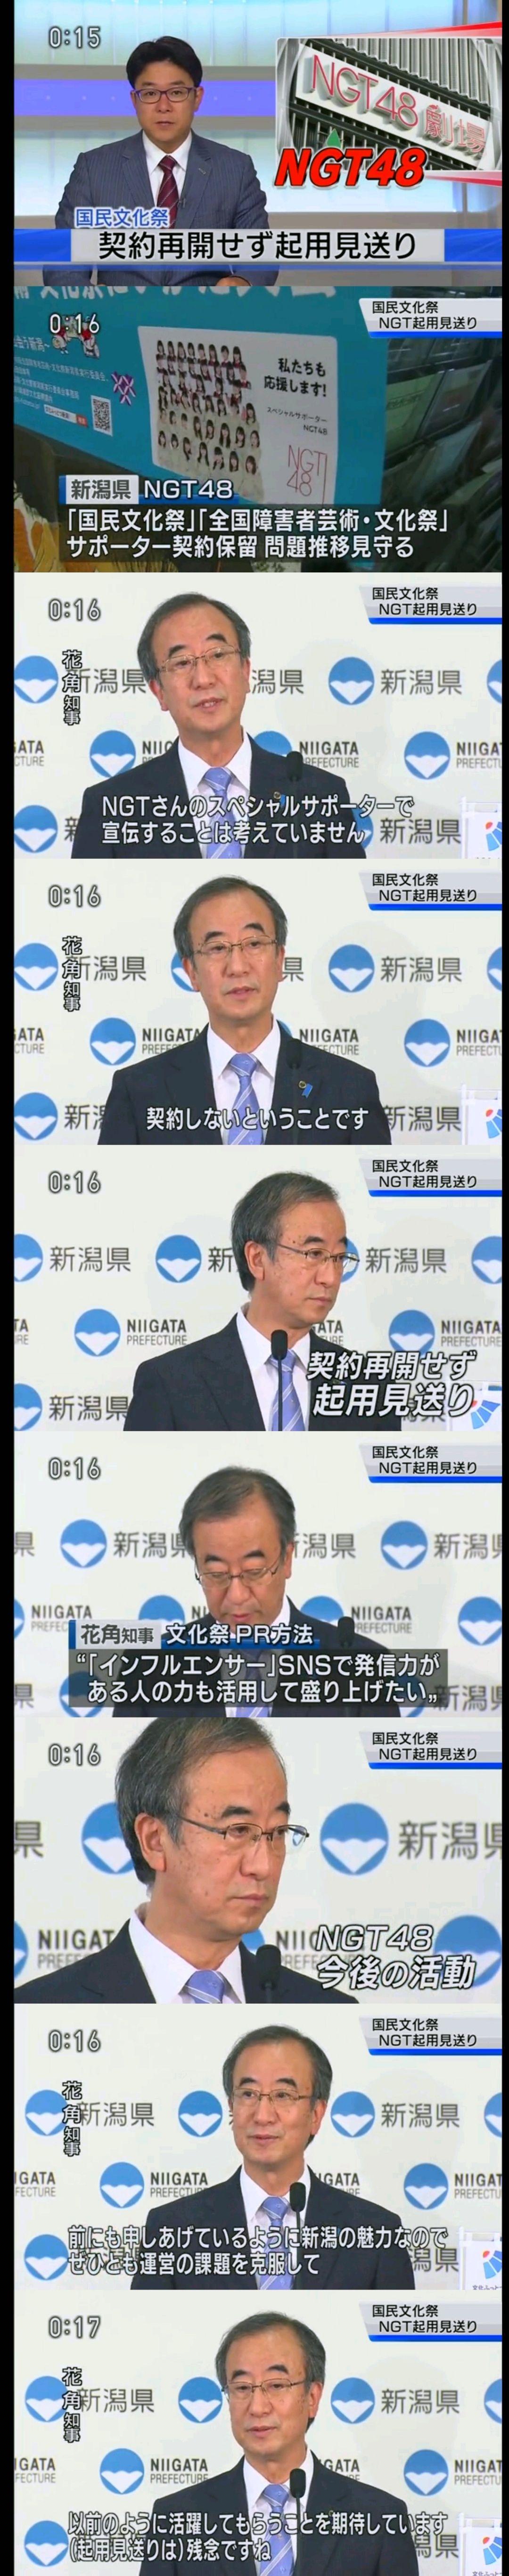 【山口真帆暴行事件】知事「NGT48と契約しない」新潟県イメージ改善へ